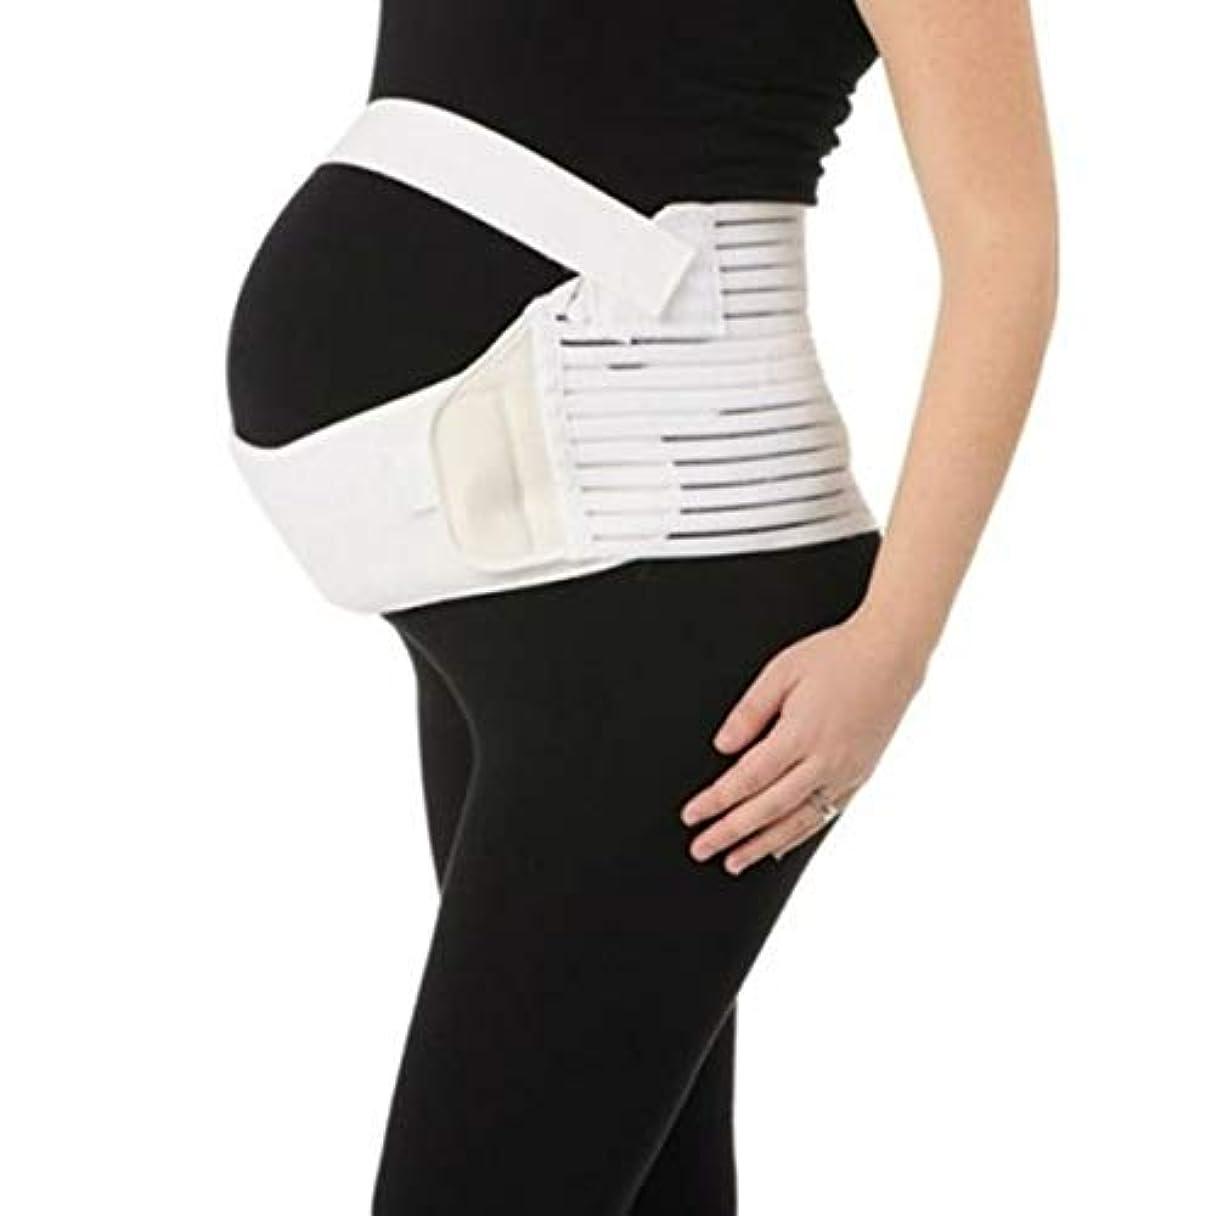 予言する楽しむタクシー通気性産科ベルト妊娠腹部サポート腹部バインダーガードル運動包帯産後の回復形状ウェア - ホワイトM